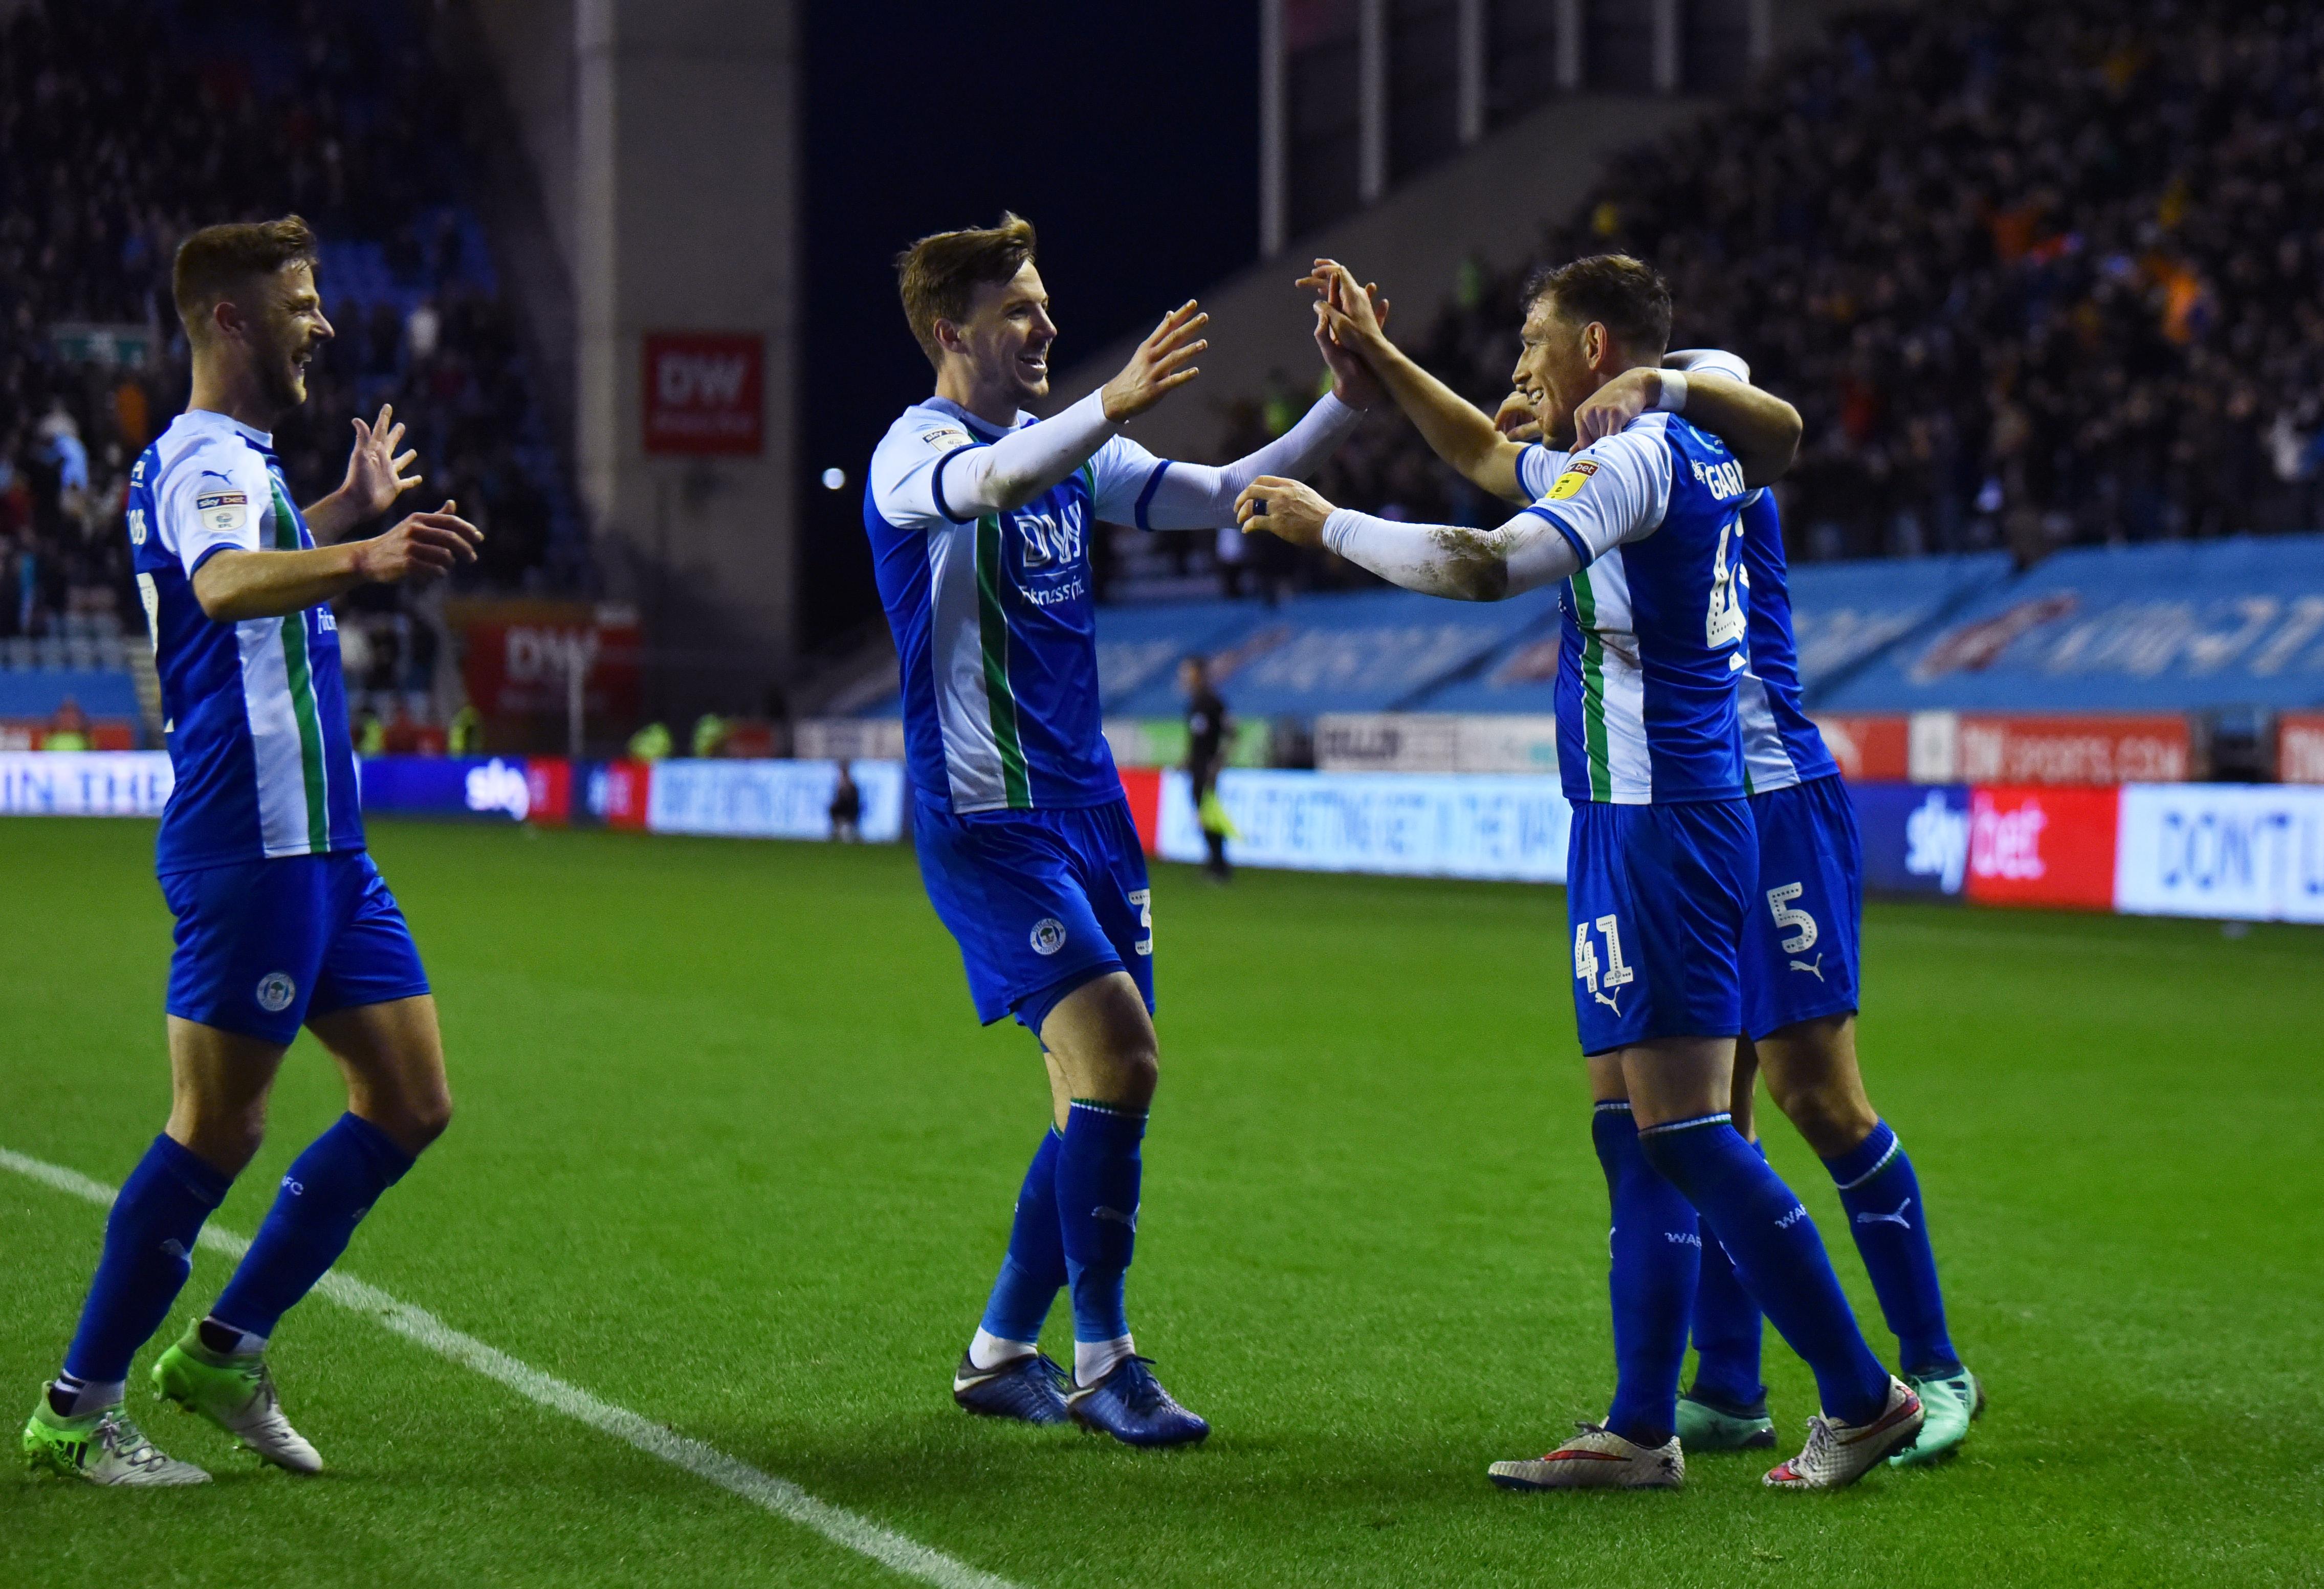 Wigan Athletic v Aston Villa - Sky Bet Championship